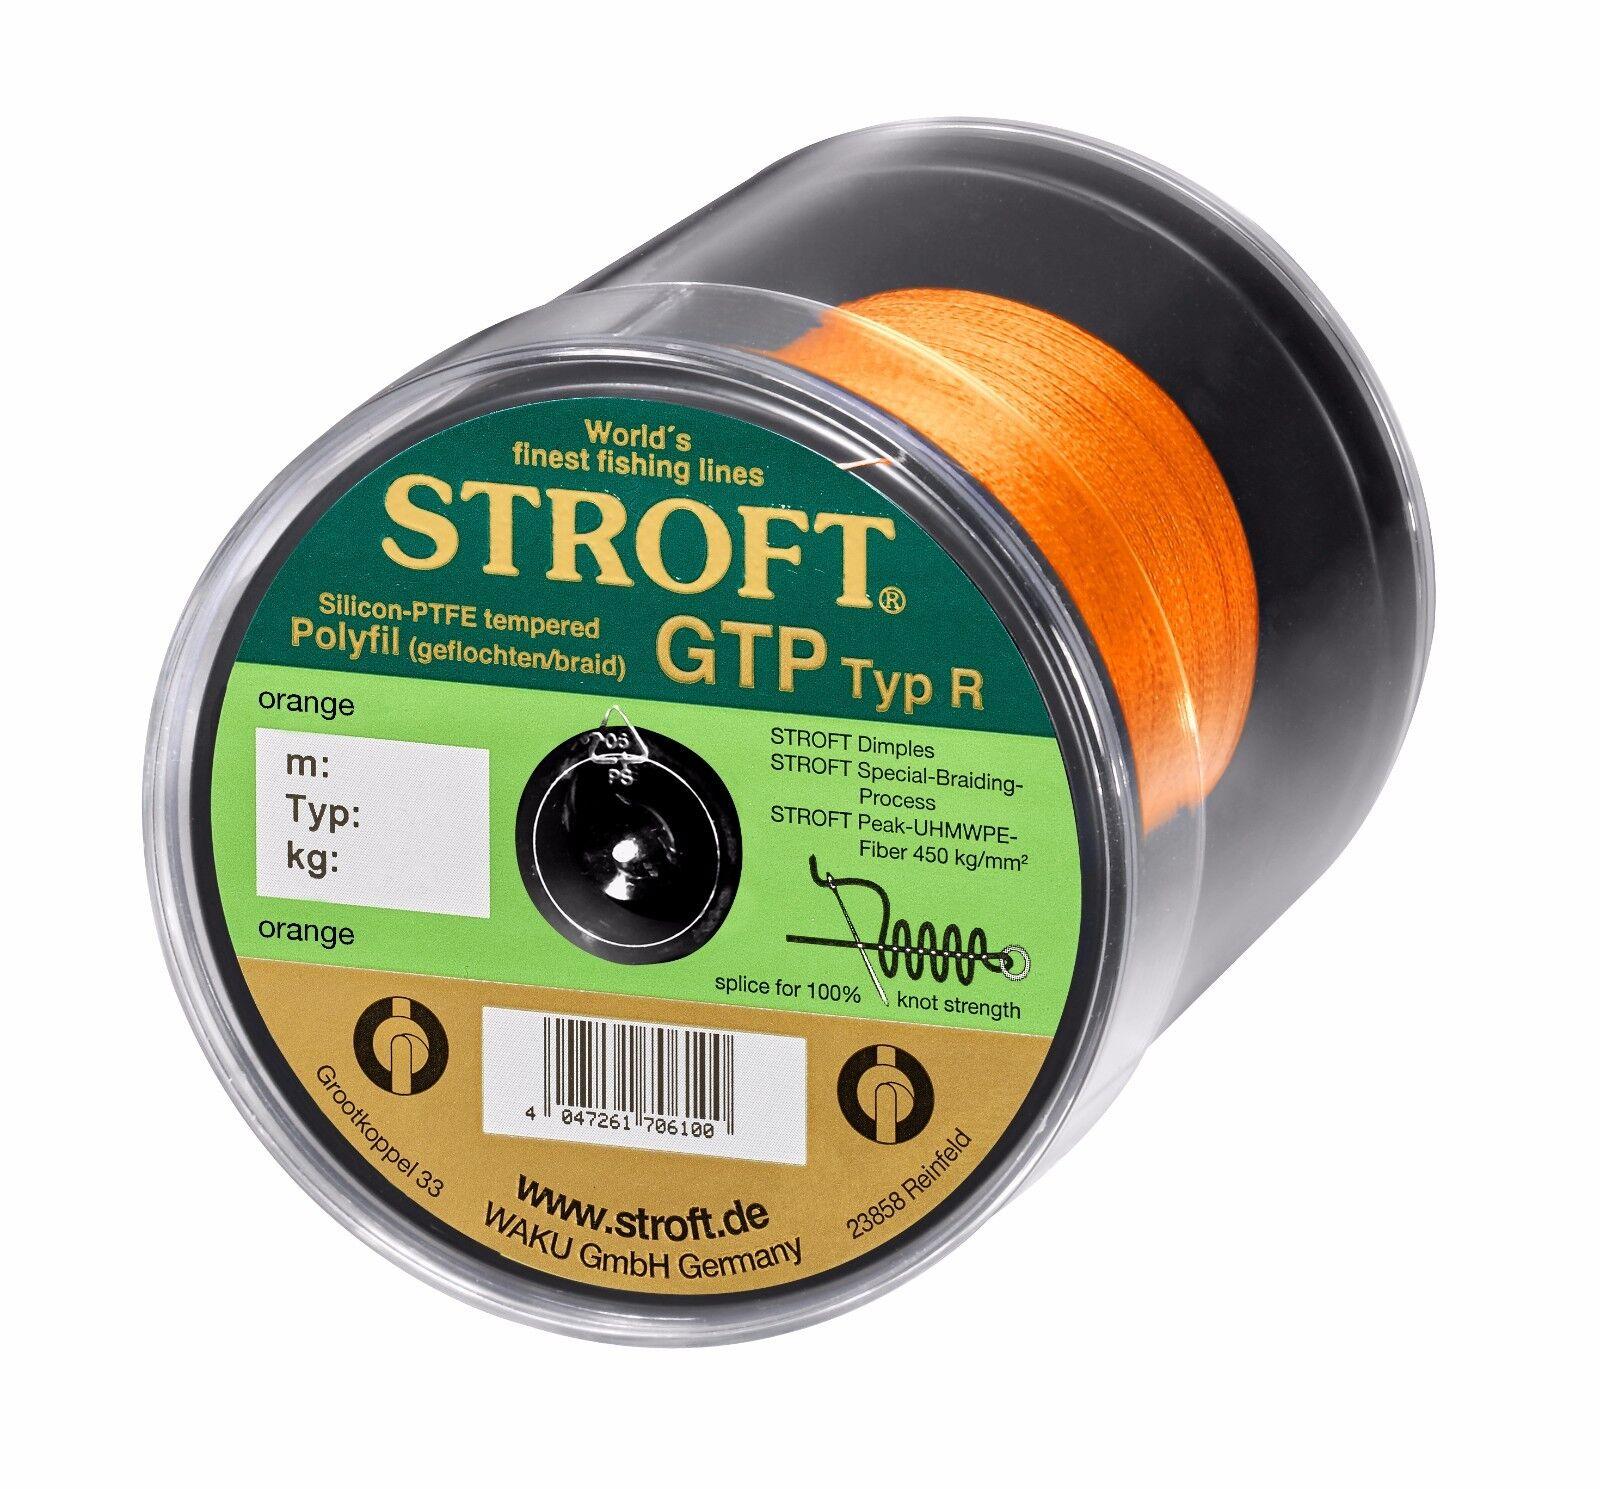 Angelschnur STROFT GTP Typ R Orange 100m 250m 500m 1000m 1000m 1000m Geflochtene Schnur f6bf88